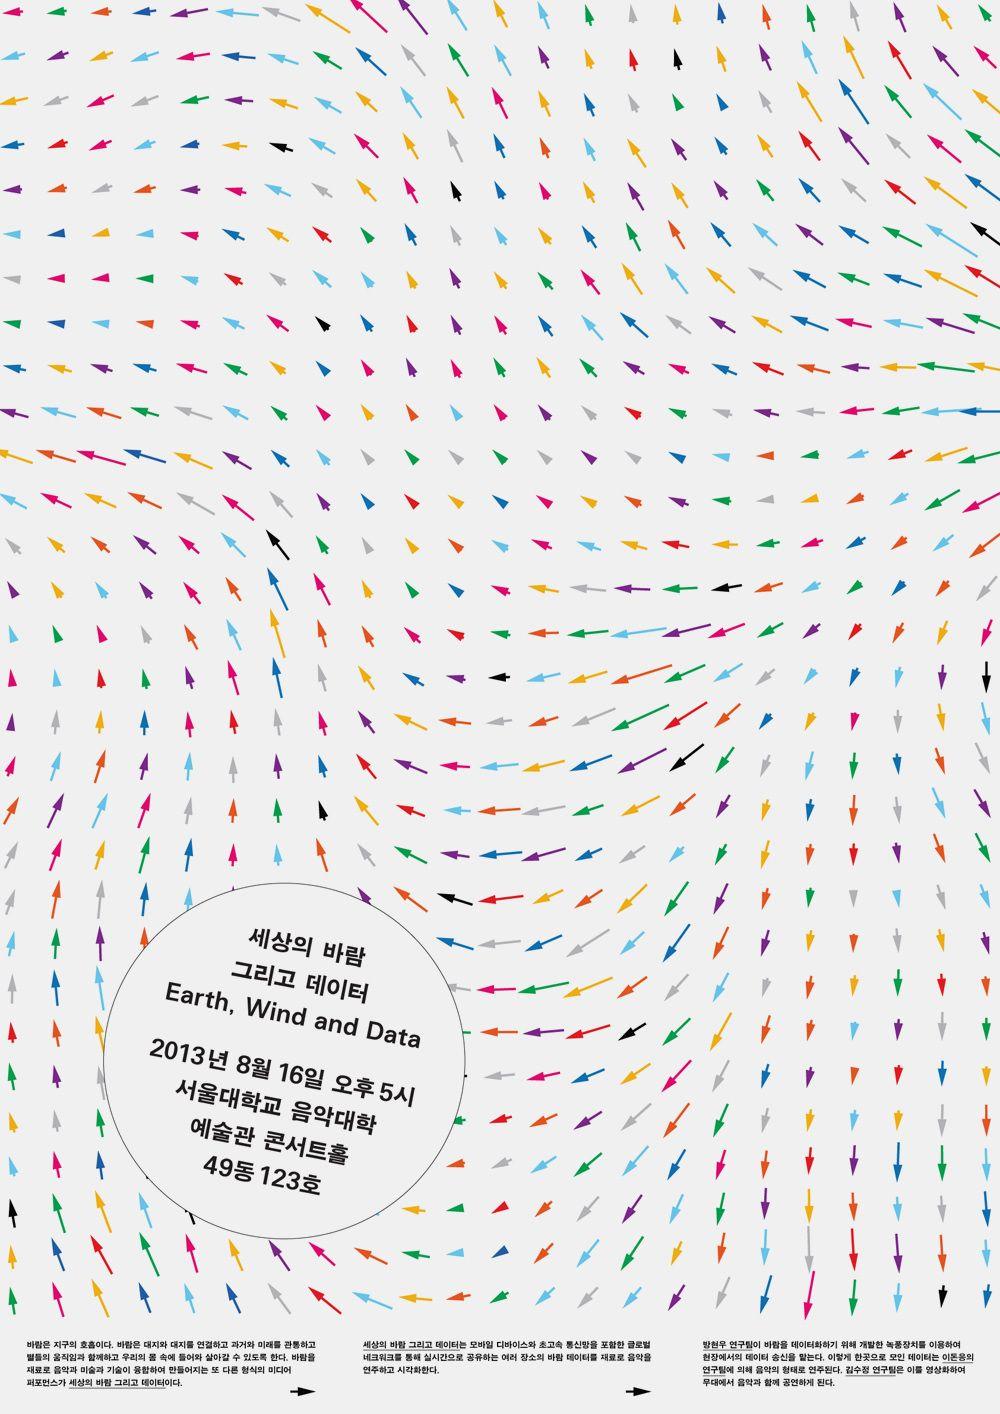 Earth, Wind & Data: Posters - Minkee Bae